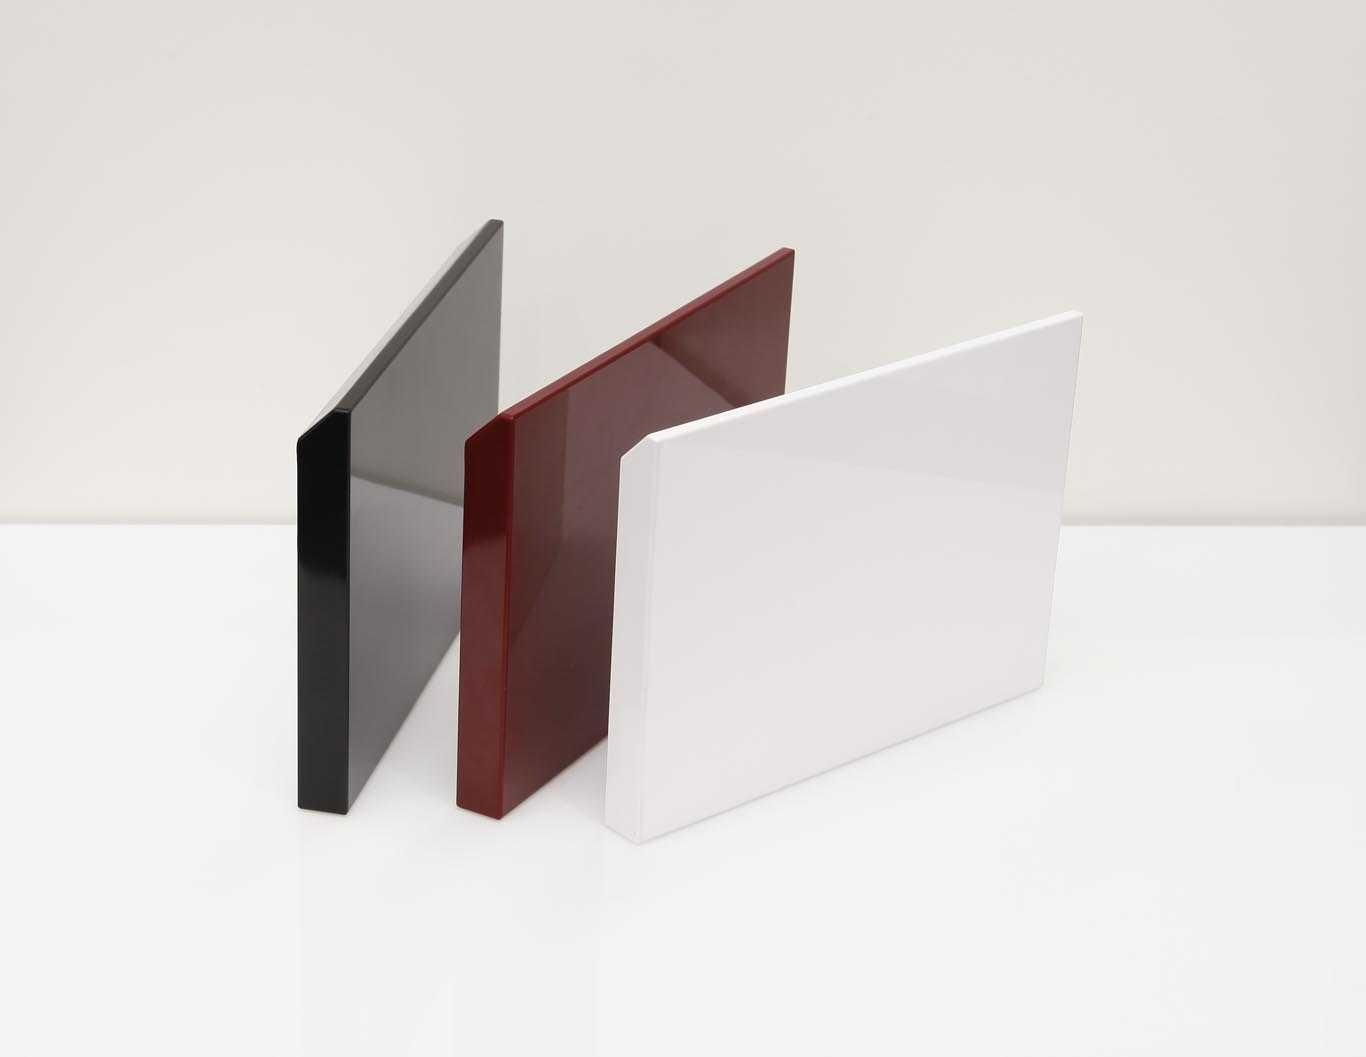 hoàn thiện cánh tủ bếp acrylic